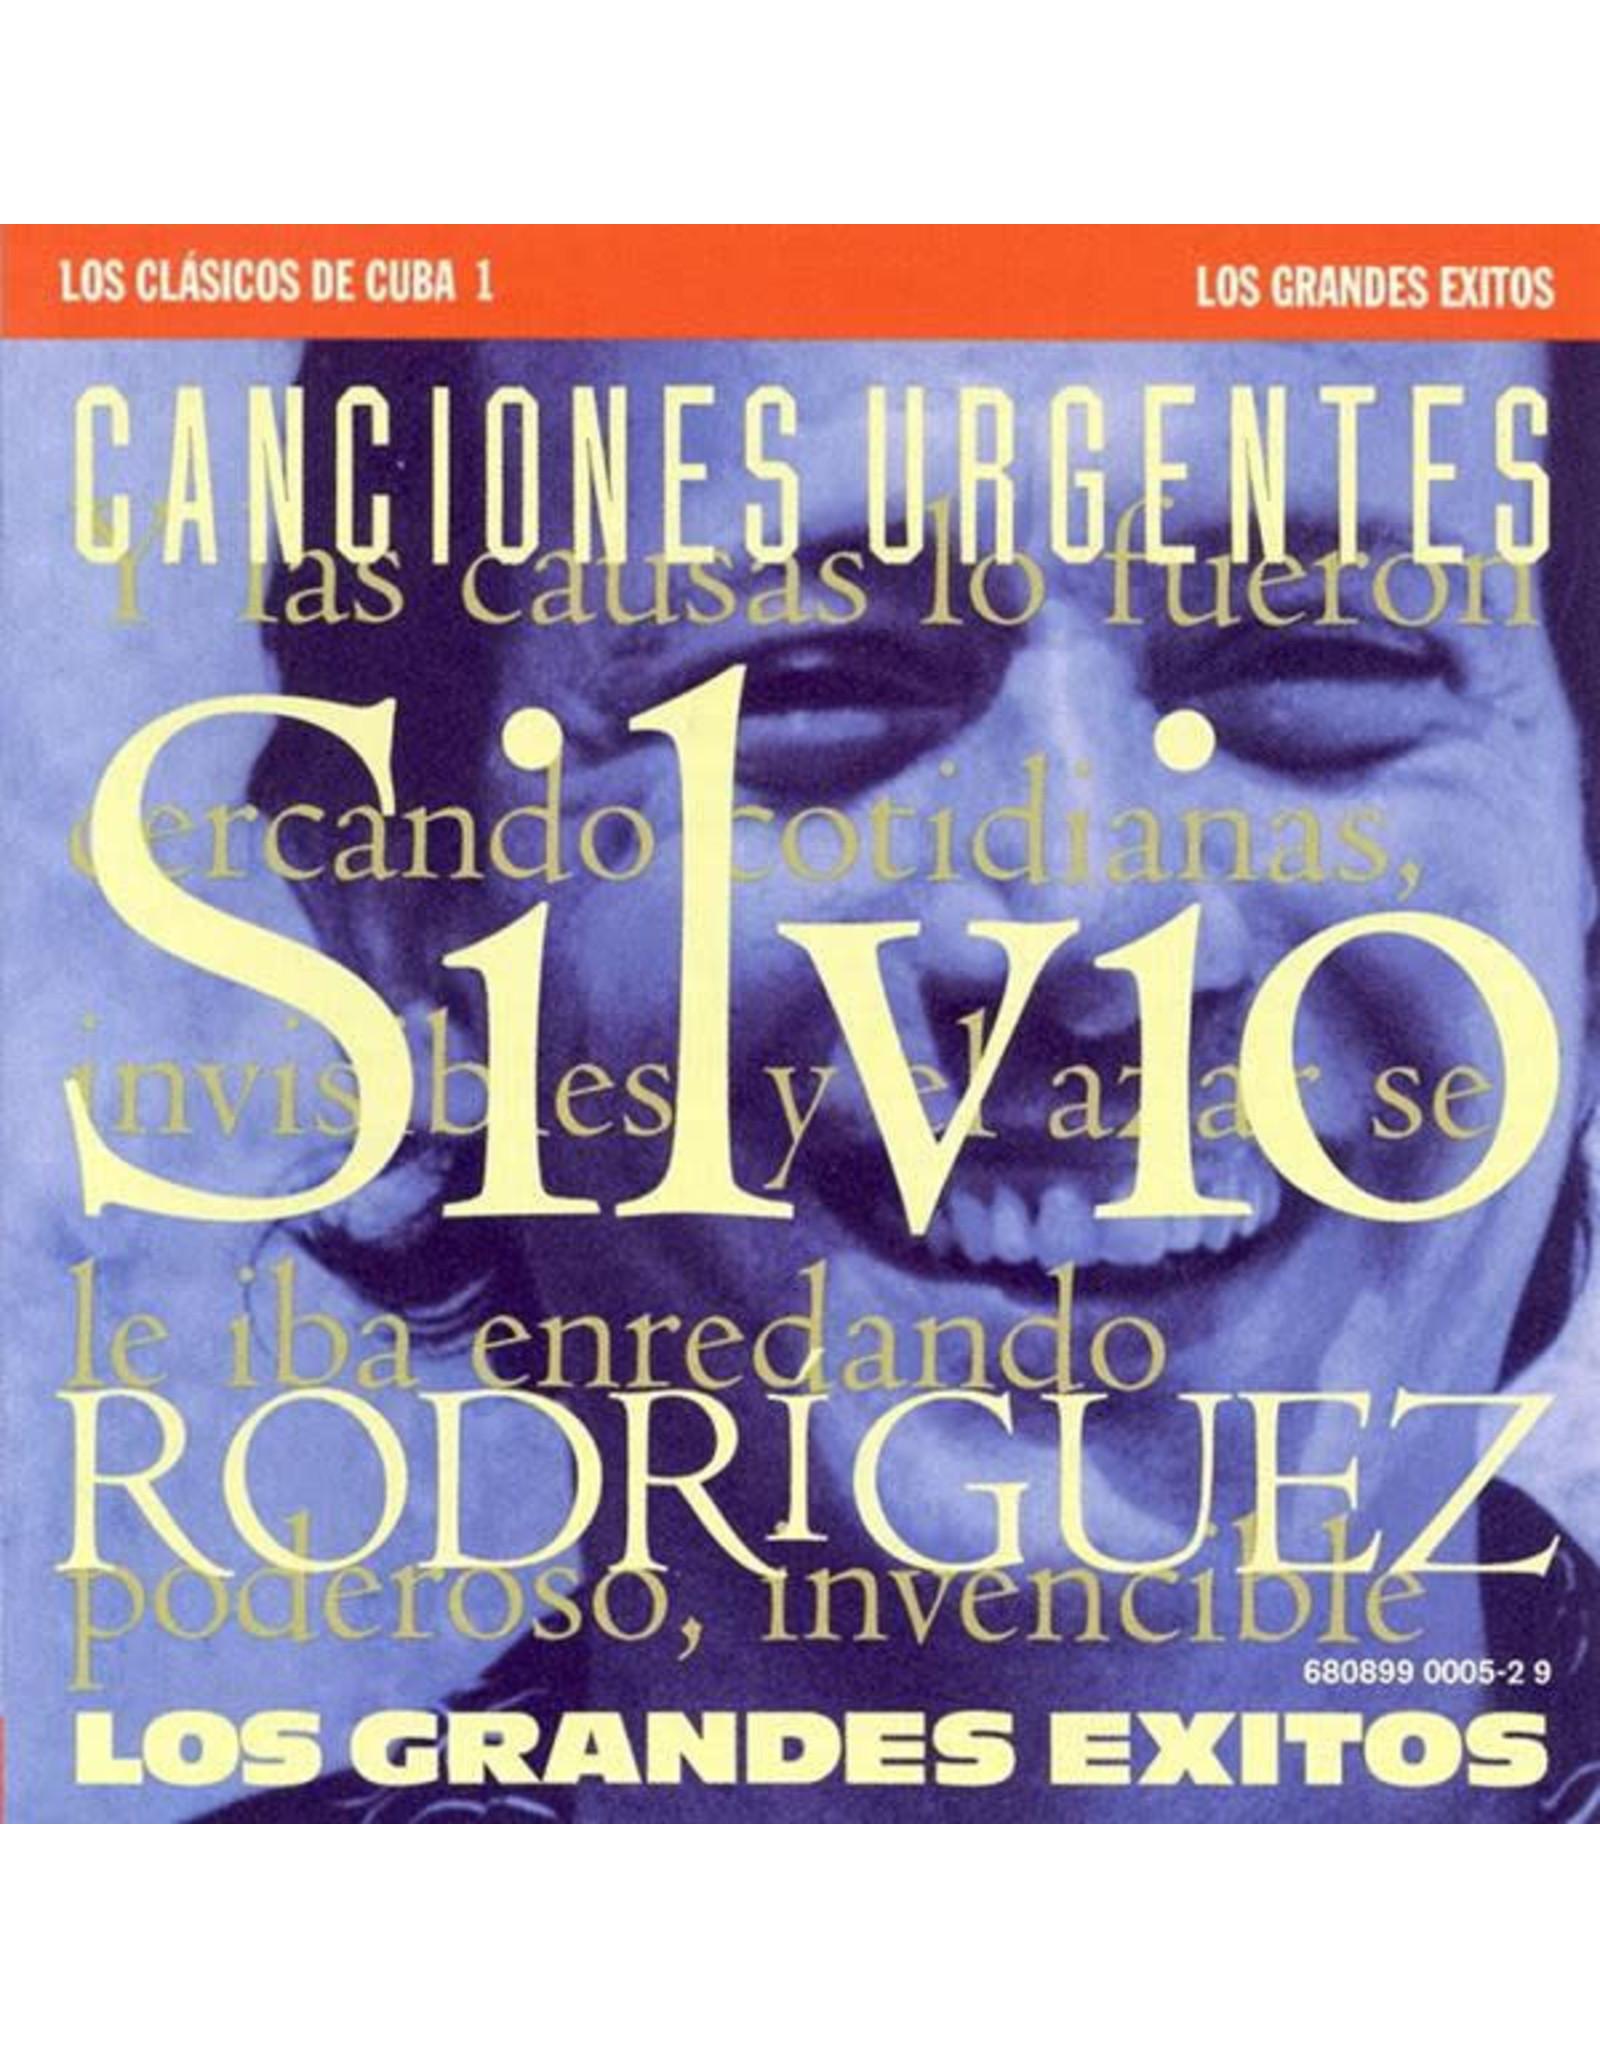 New Vinyl Silvio Rodriguez - Los Grandes Exitos LP